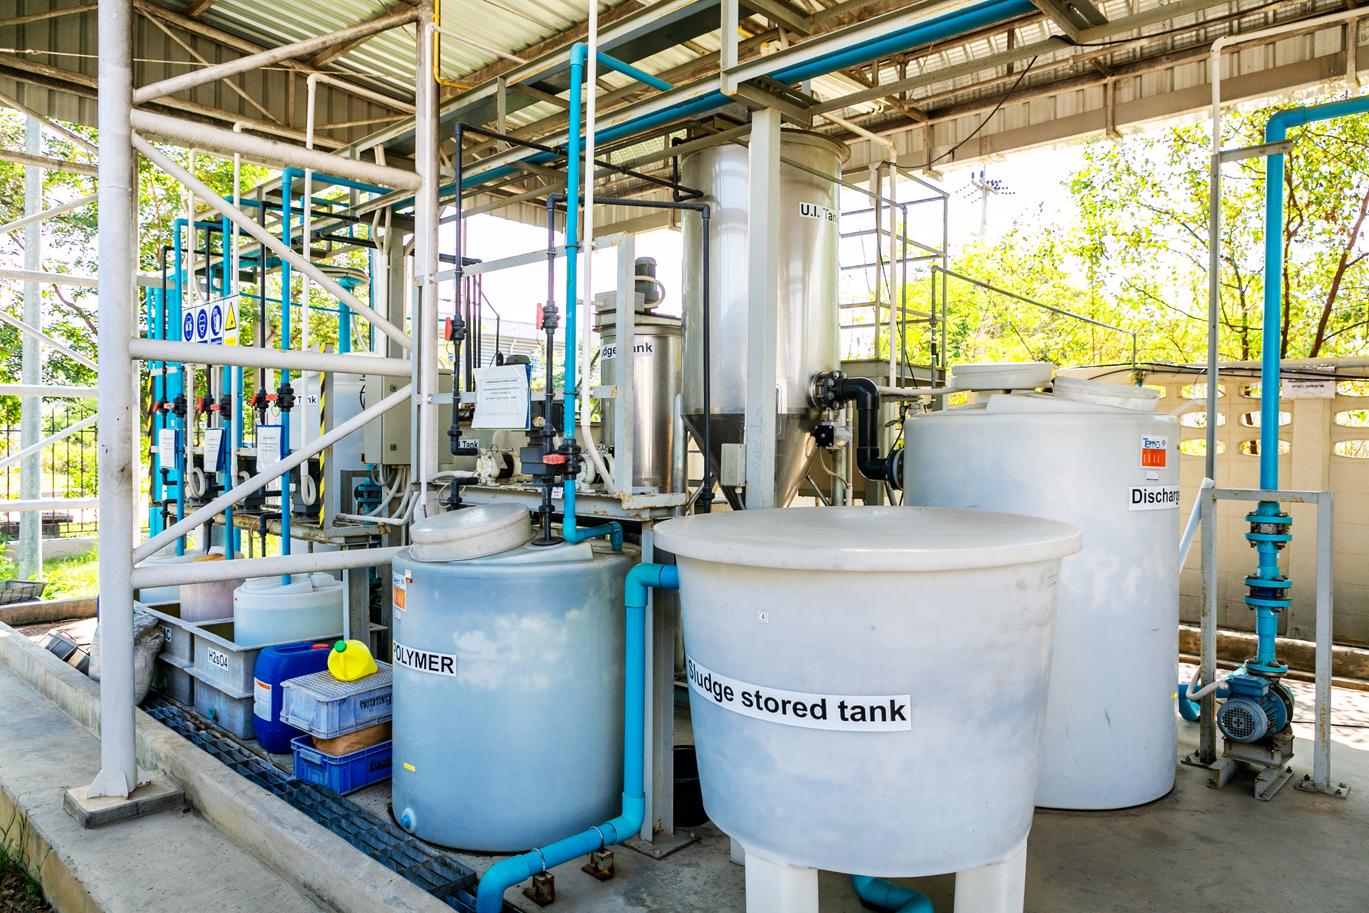 """บริษัท """"FUKUI BYORA (THAILAND)"""" ติดตั้งระบบบำบัดน้ำเสียแบบเอสบีอาร์ (Sequencing Batch Reactor) ที่มีขนาดกะทัดรัดเพียง 40 m2 ซึ่งเป็นเทคนิคที่ทำได้เฉพาะบริษัทที่สั่งสมความรู้ความชำนาญเอาไว้มากมายอย่างบริษัทเราเท่านั้น"""